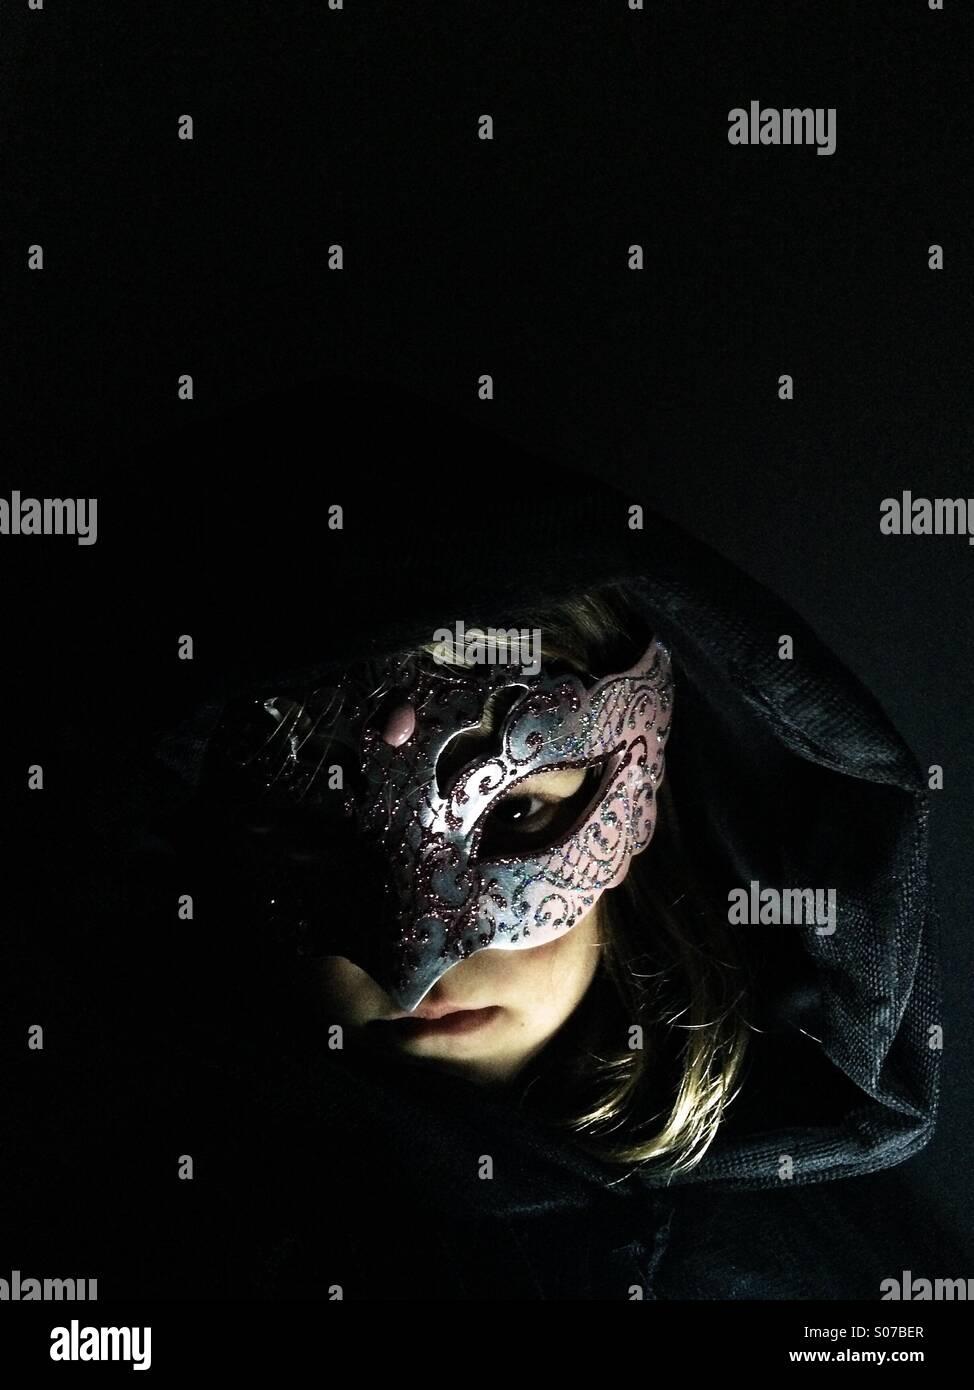 Masked - Stock Image